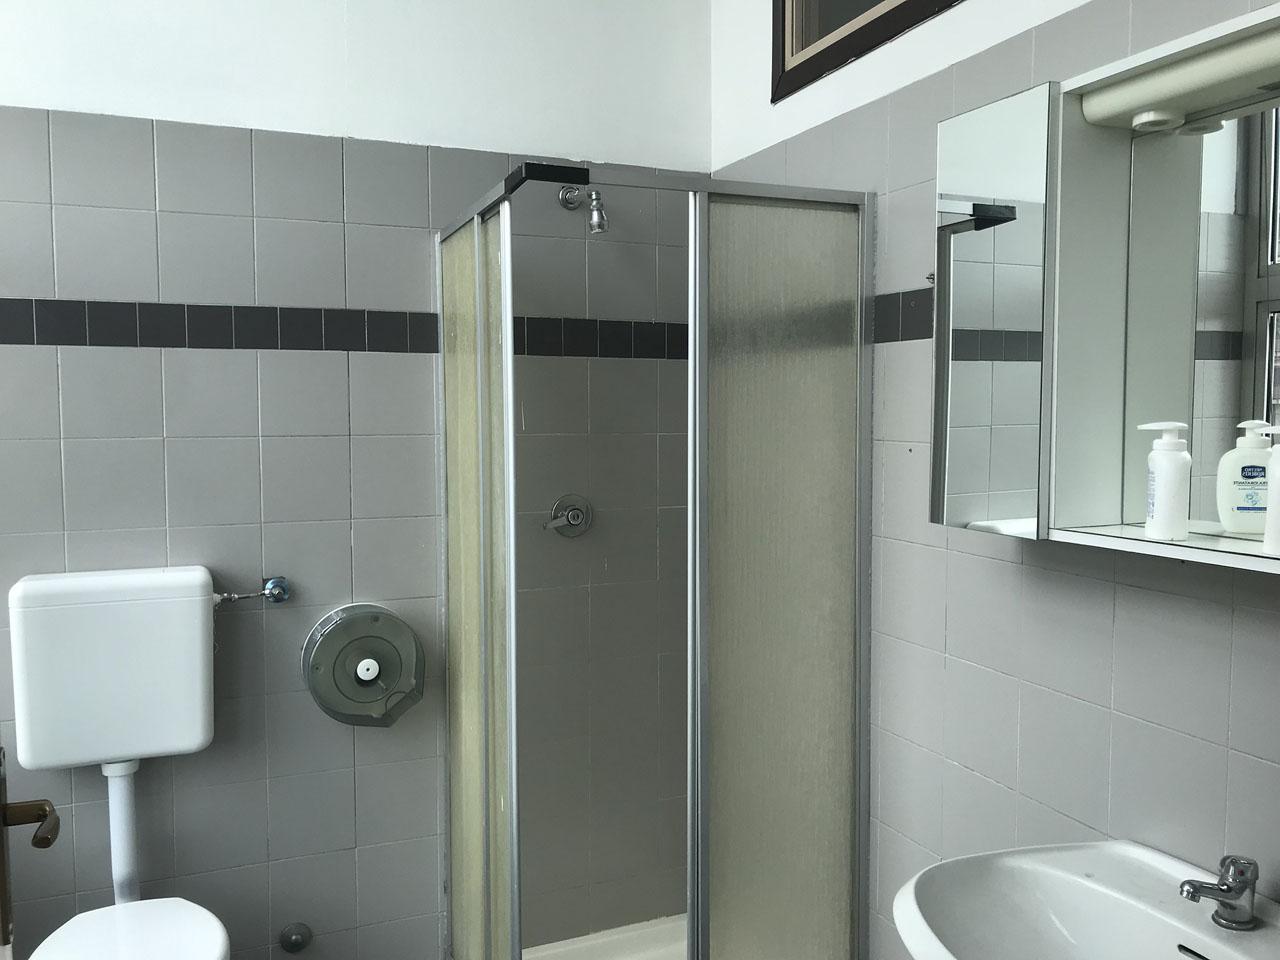 ufficio 430 mq secondo piano - Atlantic Business Center - bagno con doccia